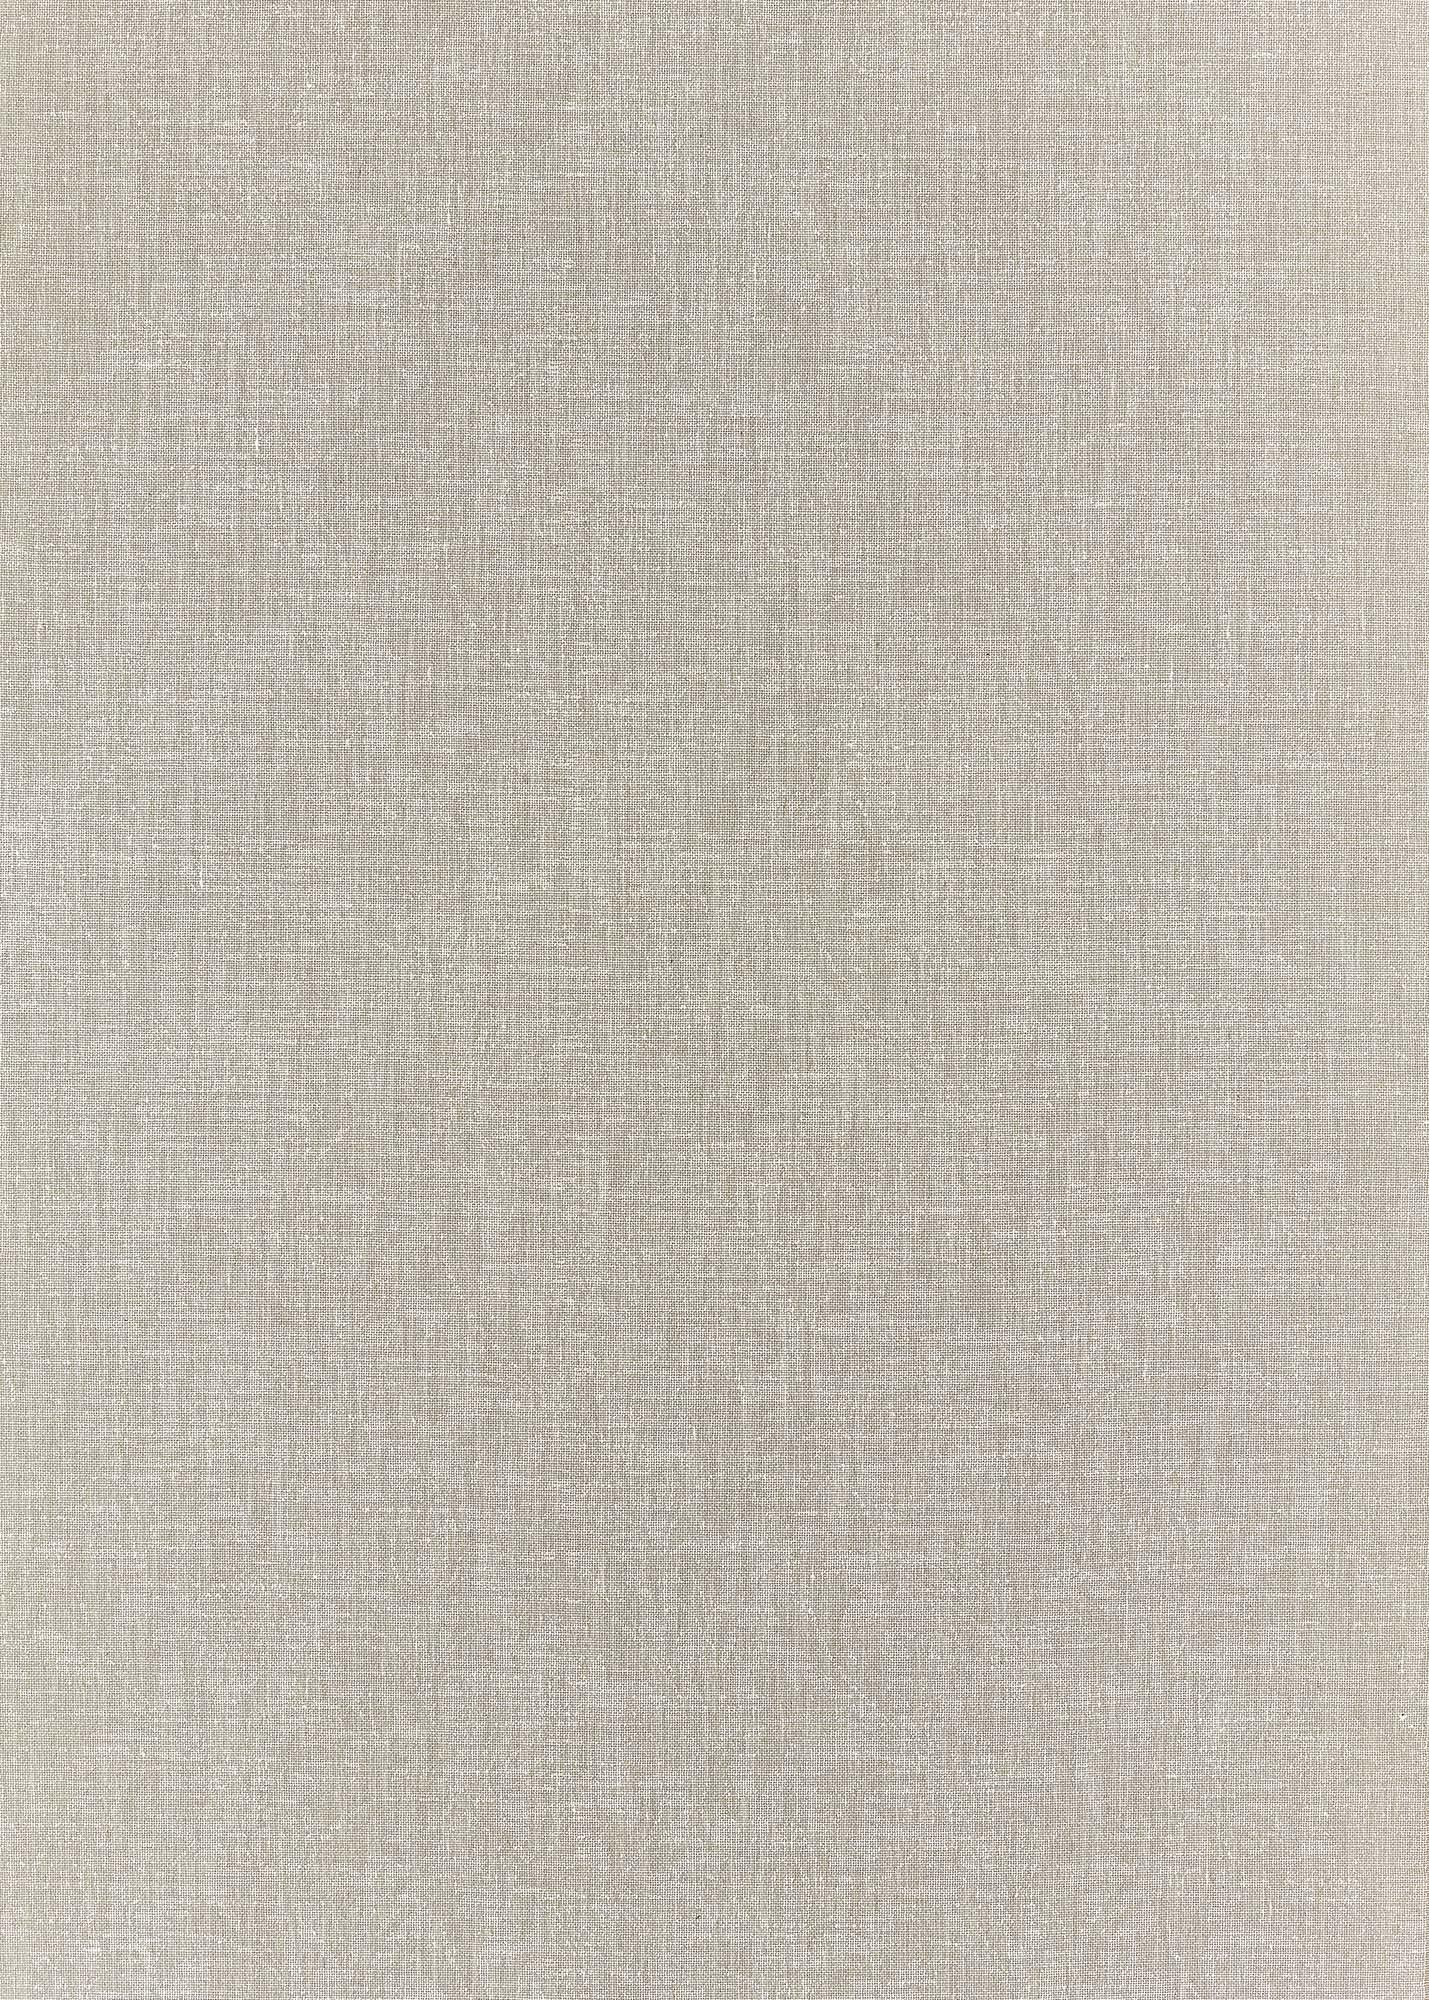 ウィリアムモリス生地 Thistle Weave 236844